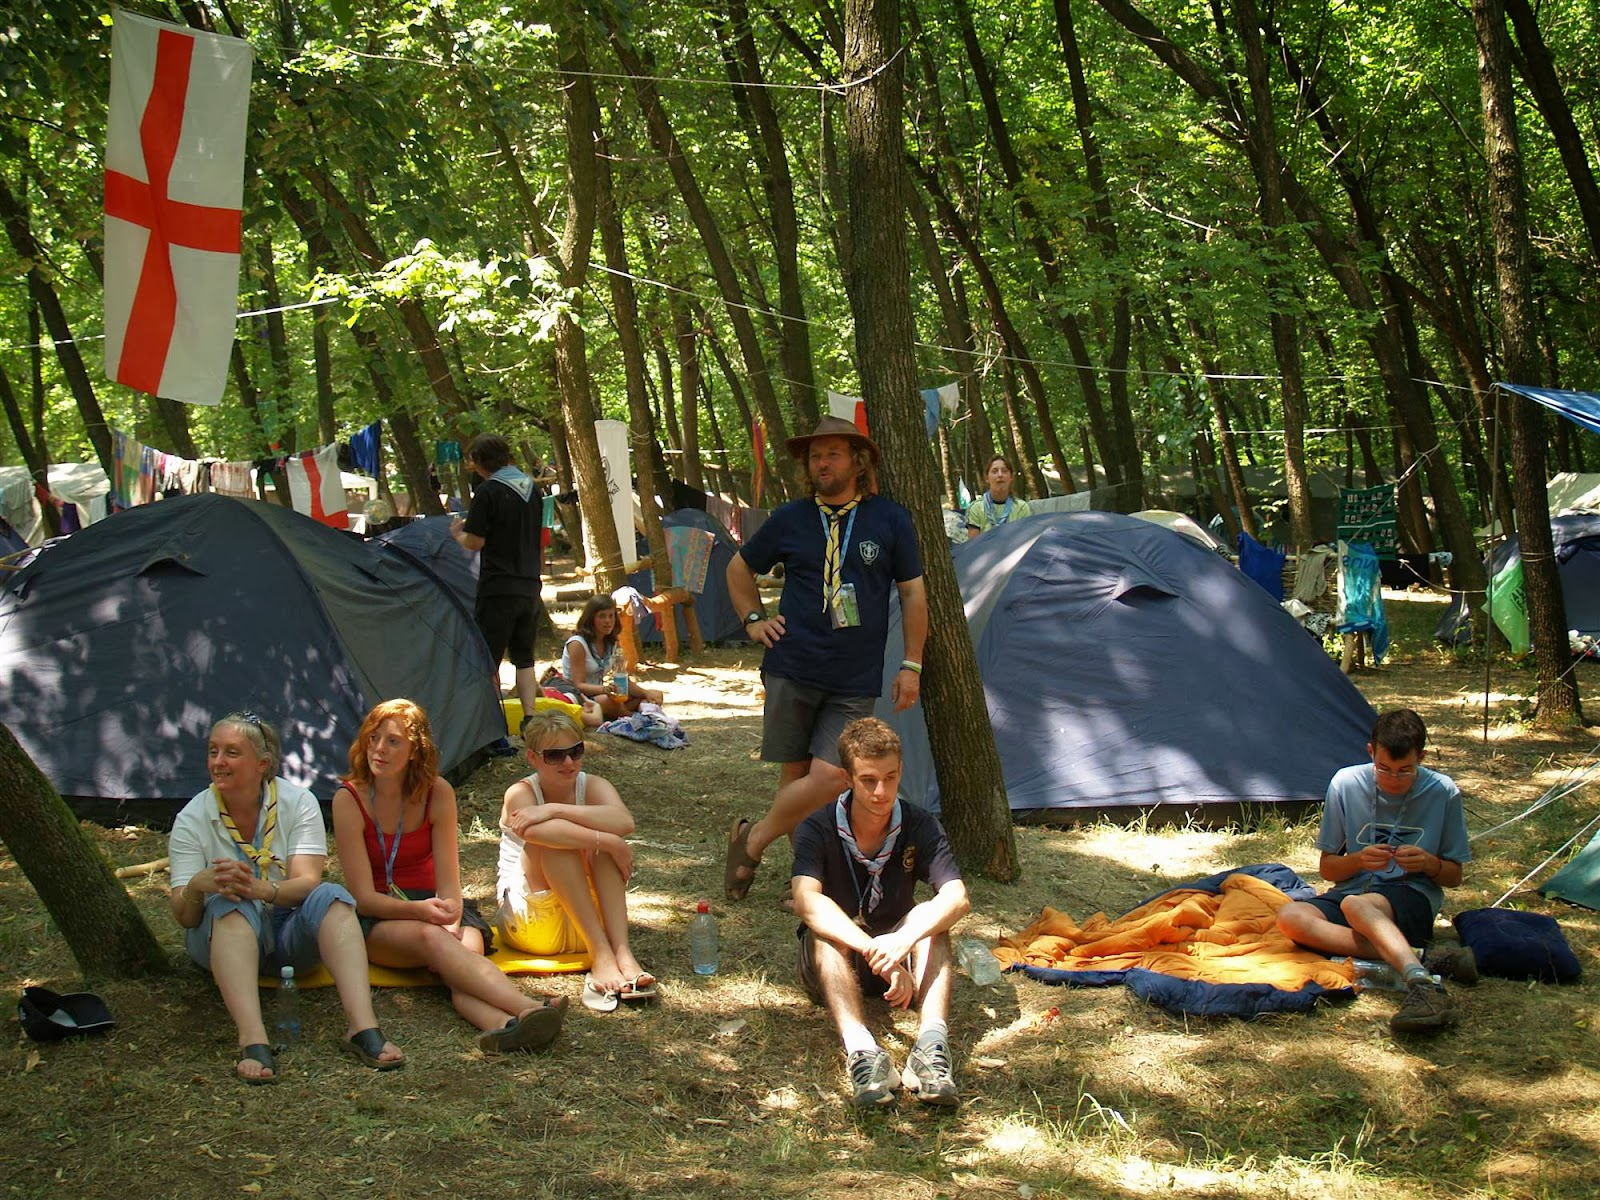 Smotra, Smotra 2006 - P0282322.JPG